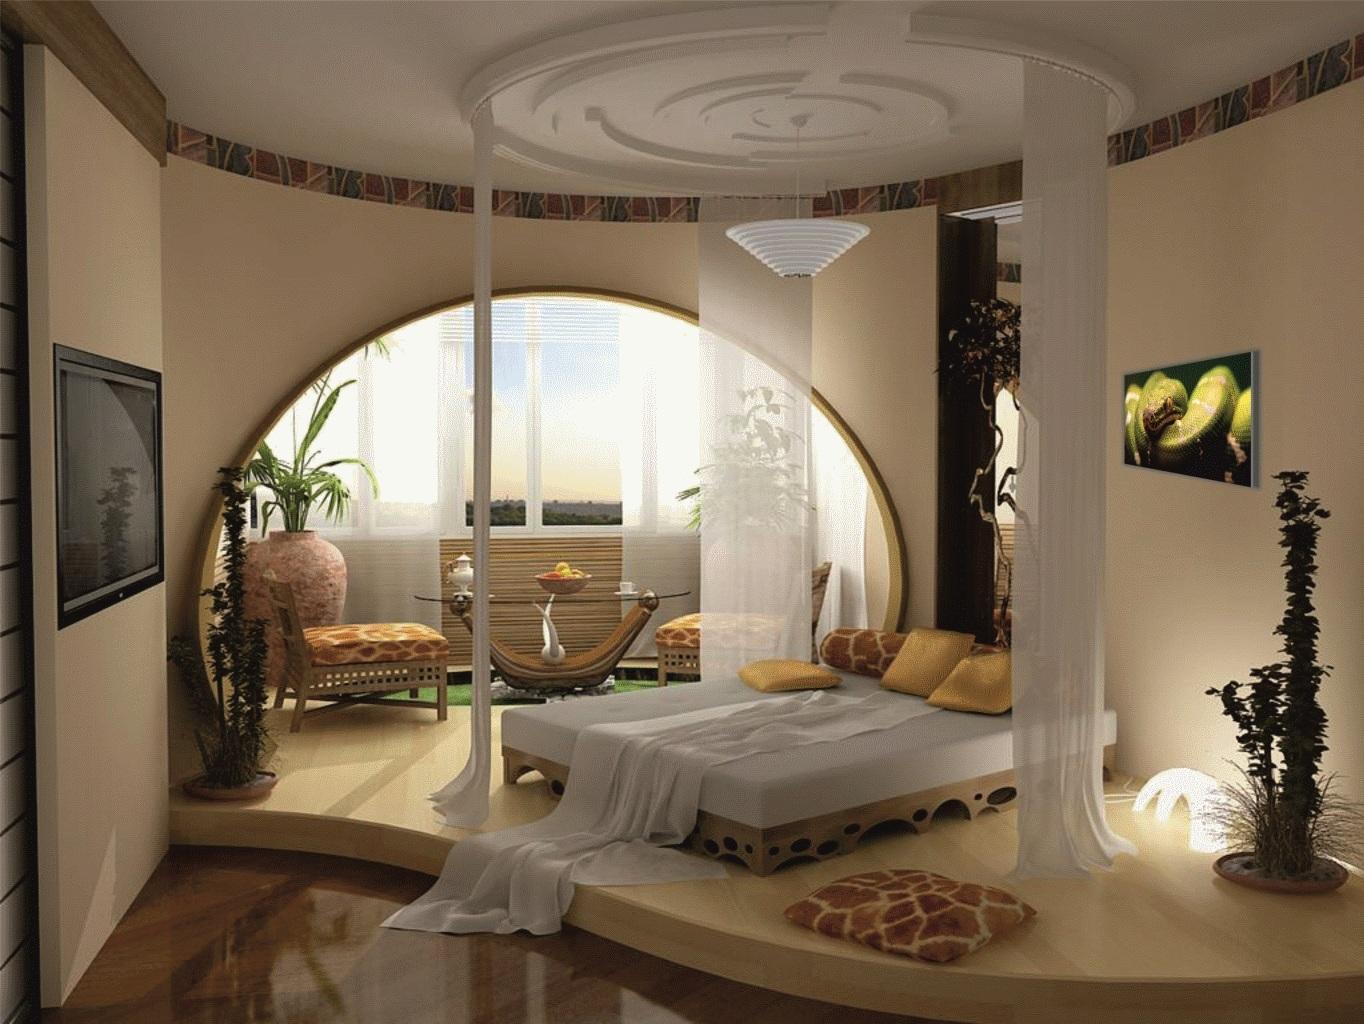 Оформление текстилем комнаты спальни комната с балконом.